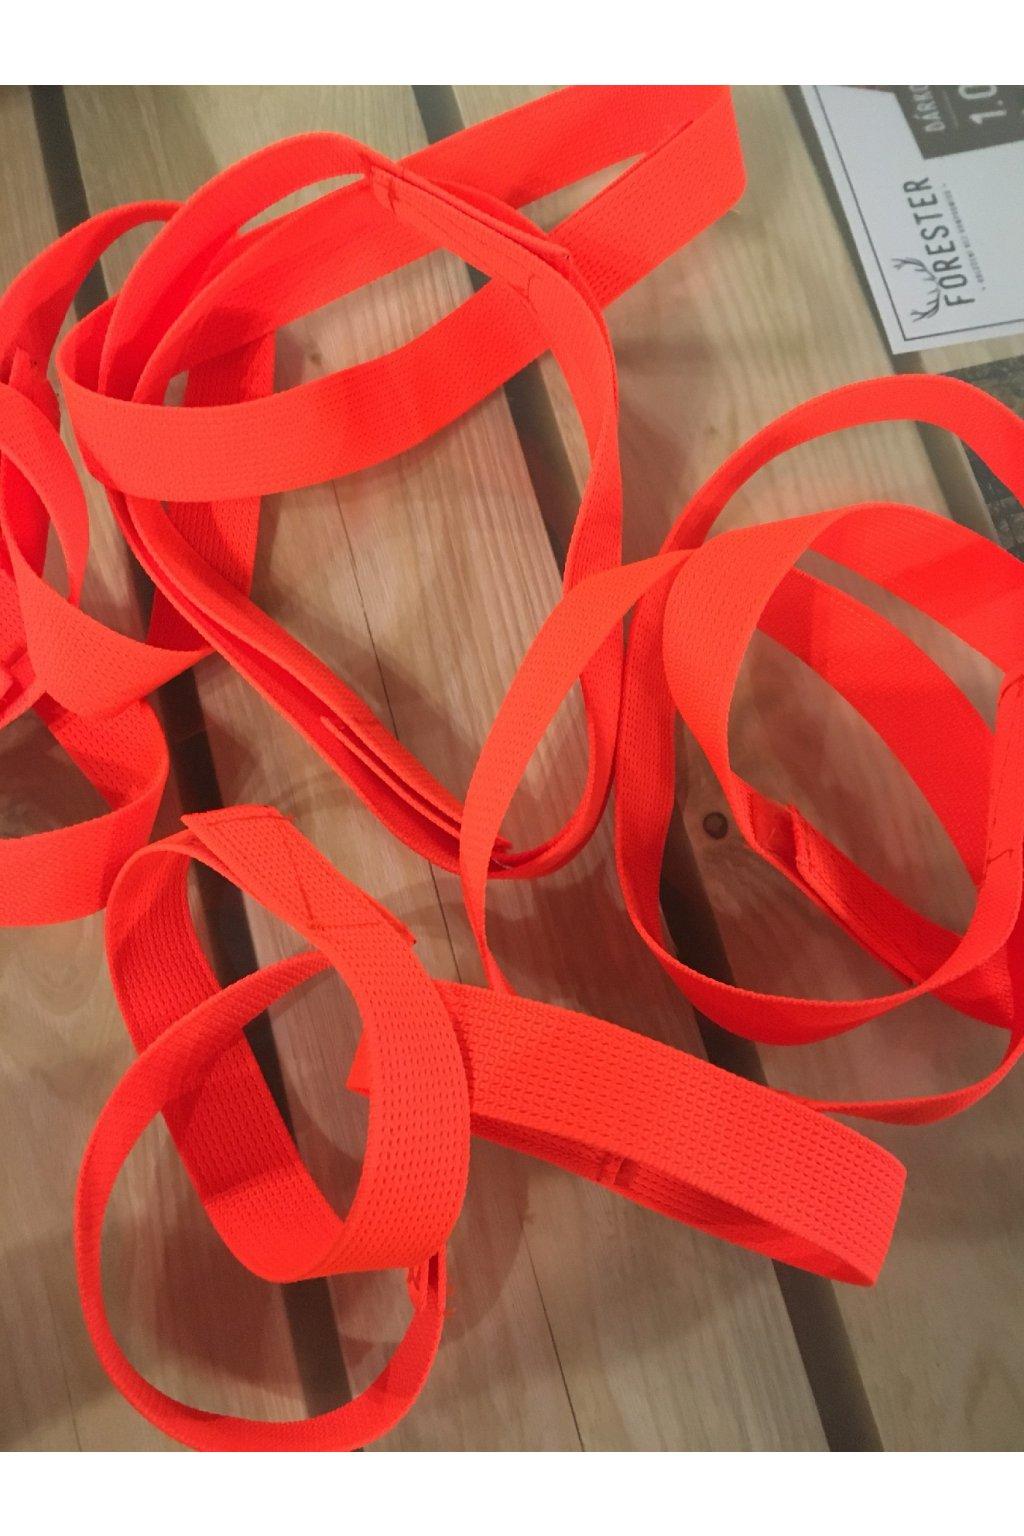 Reflexní obojek pro psy - oranžový